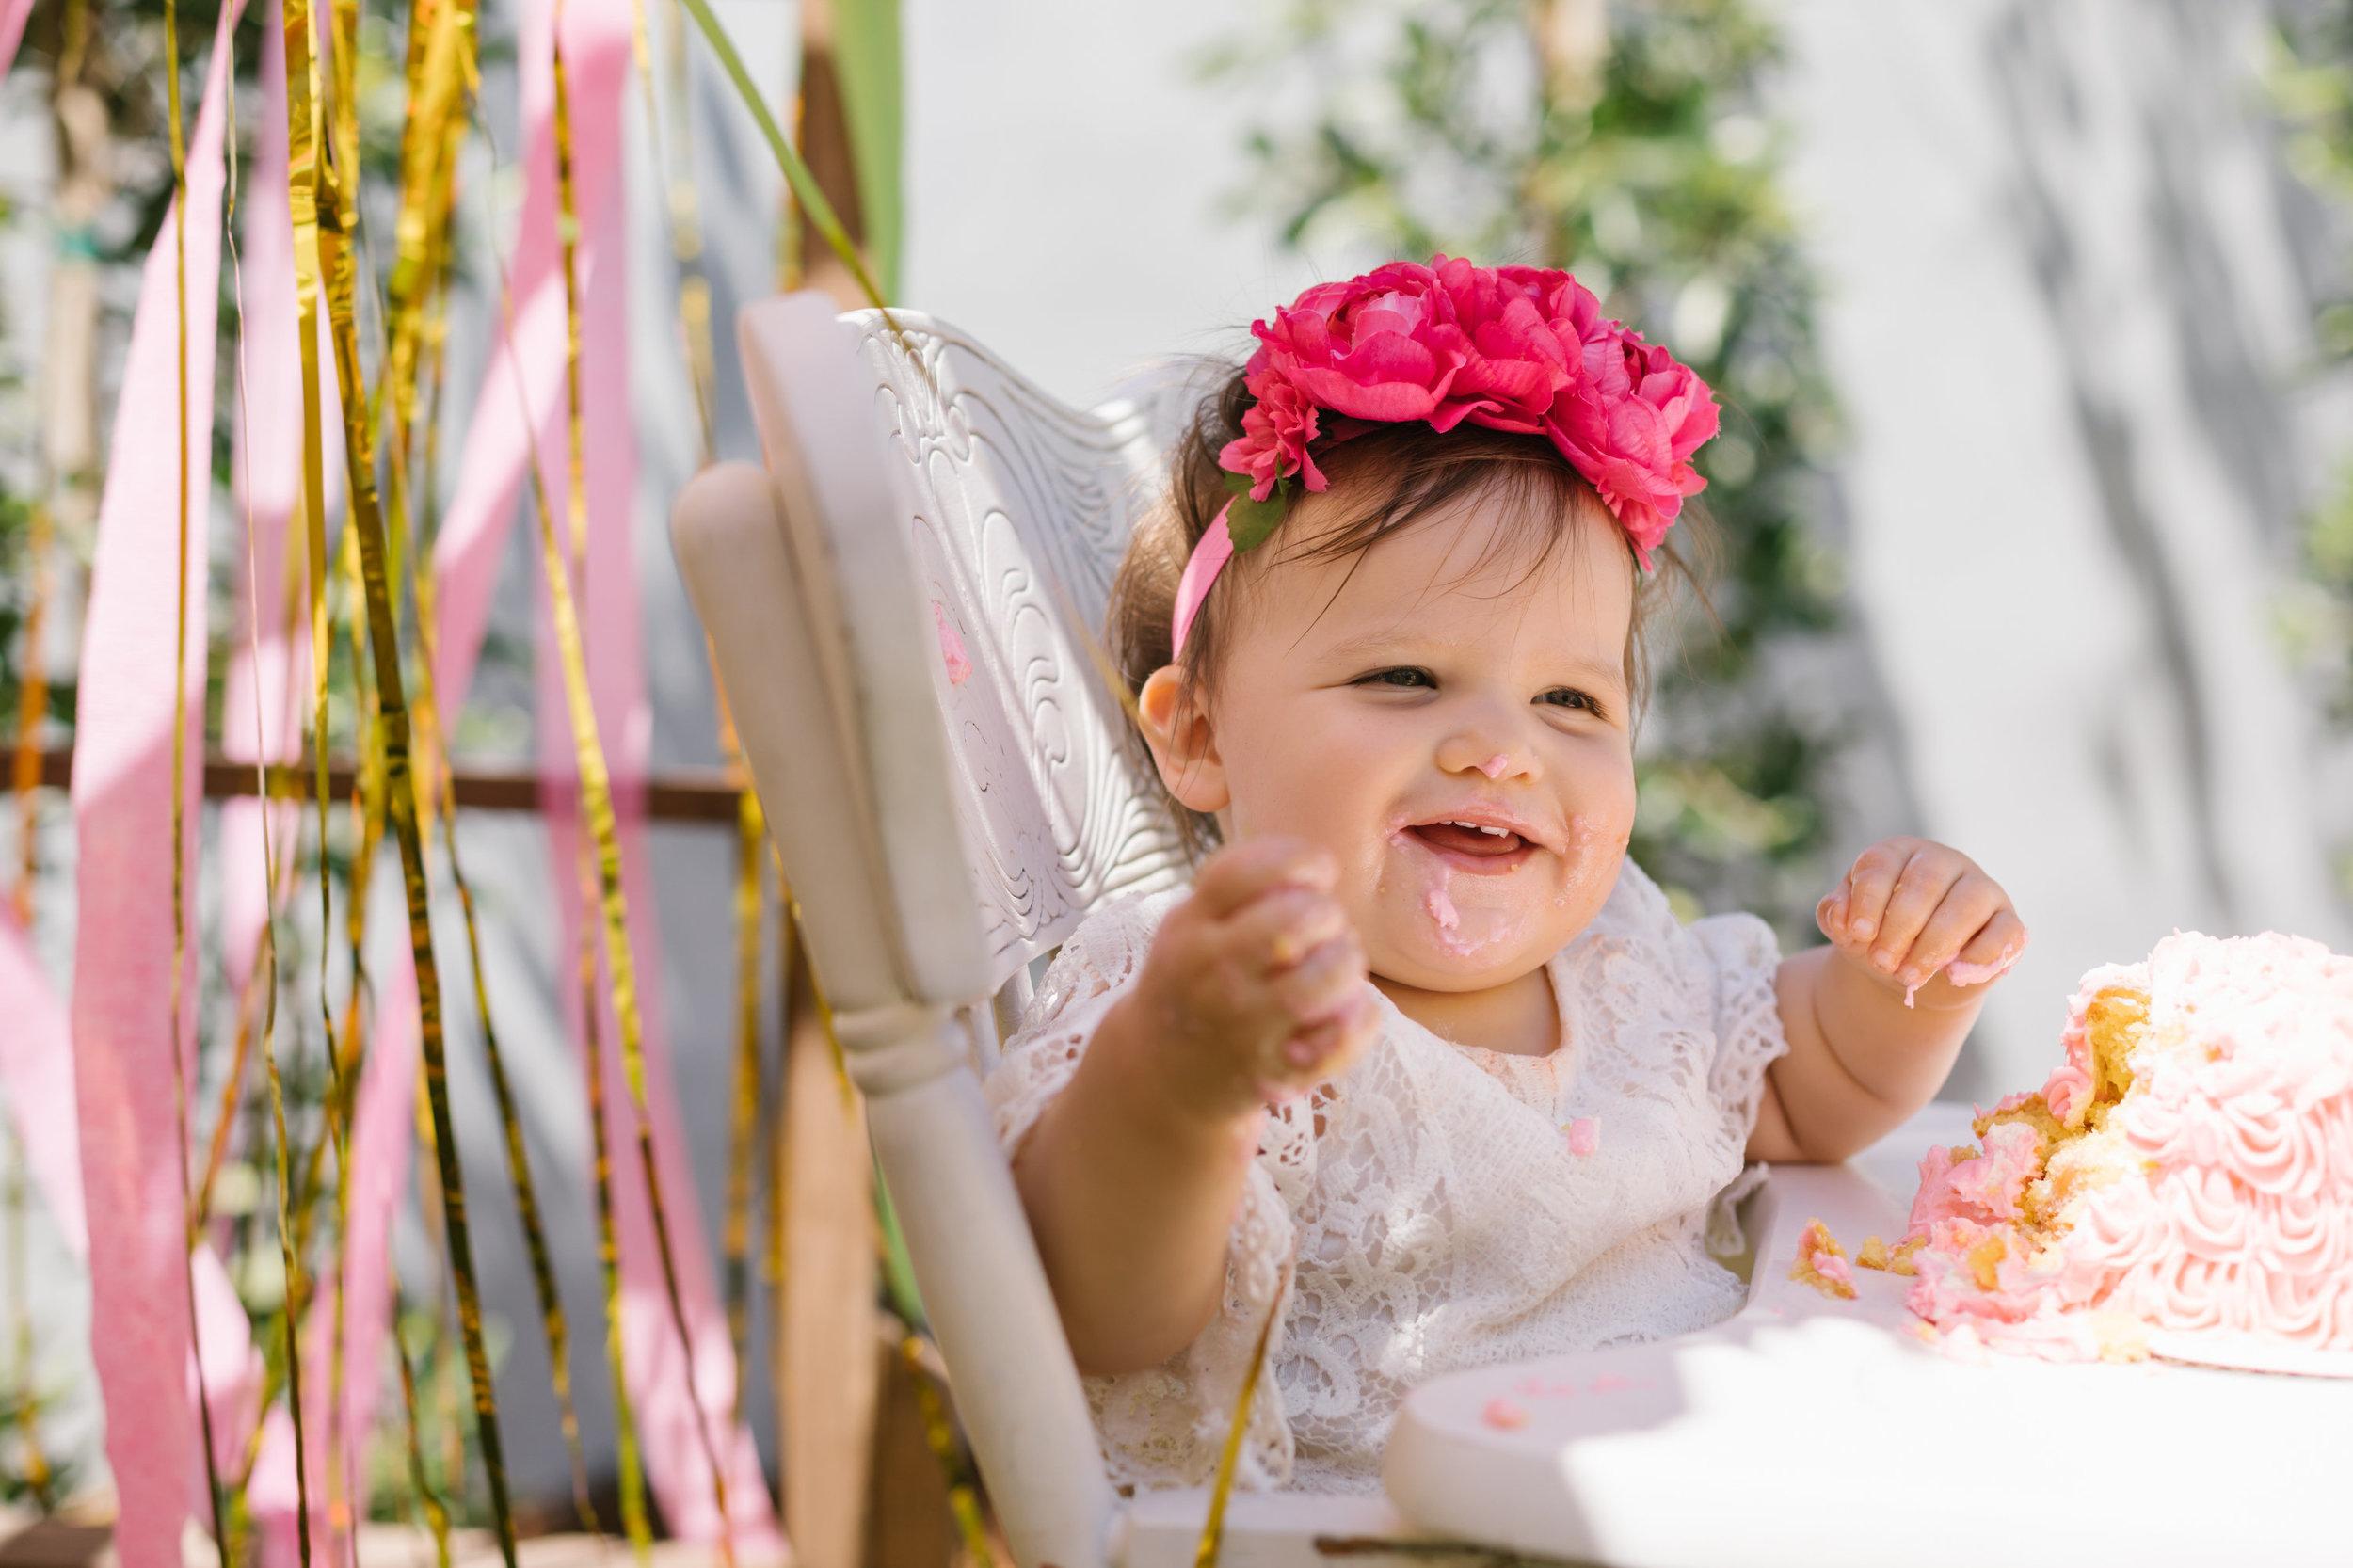 Layla s 1st Birthday Party-Layla 1st Birthday-0240.jpg